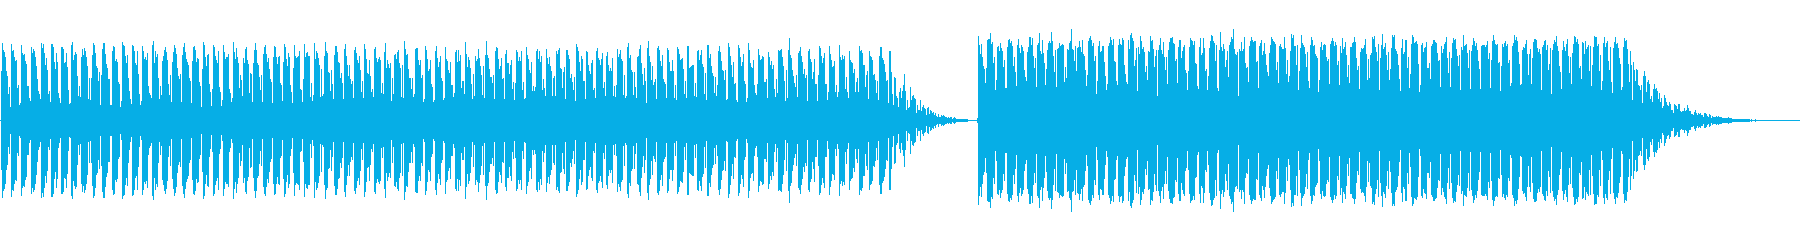 【Lofi】とにかくやかましいアラーム音の再生済みの波形